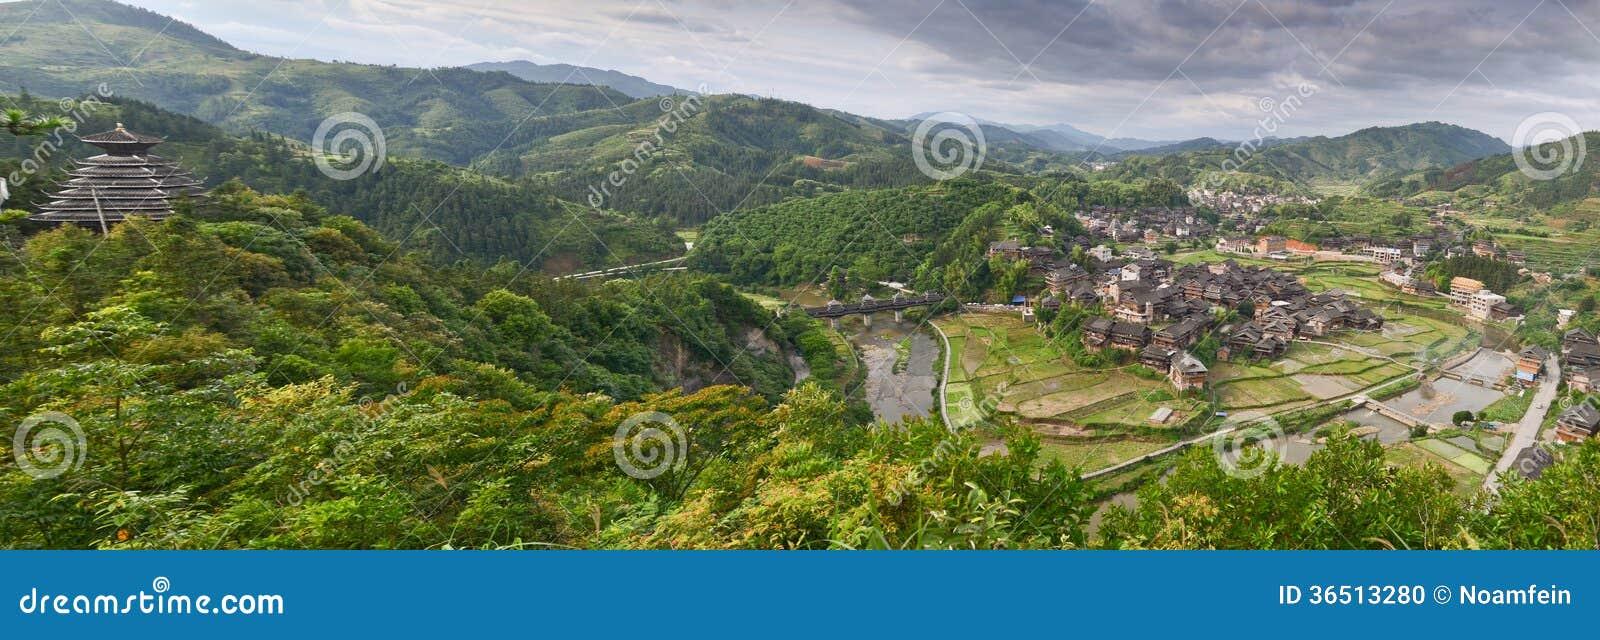 Village de minorité en Chine